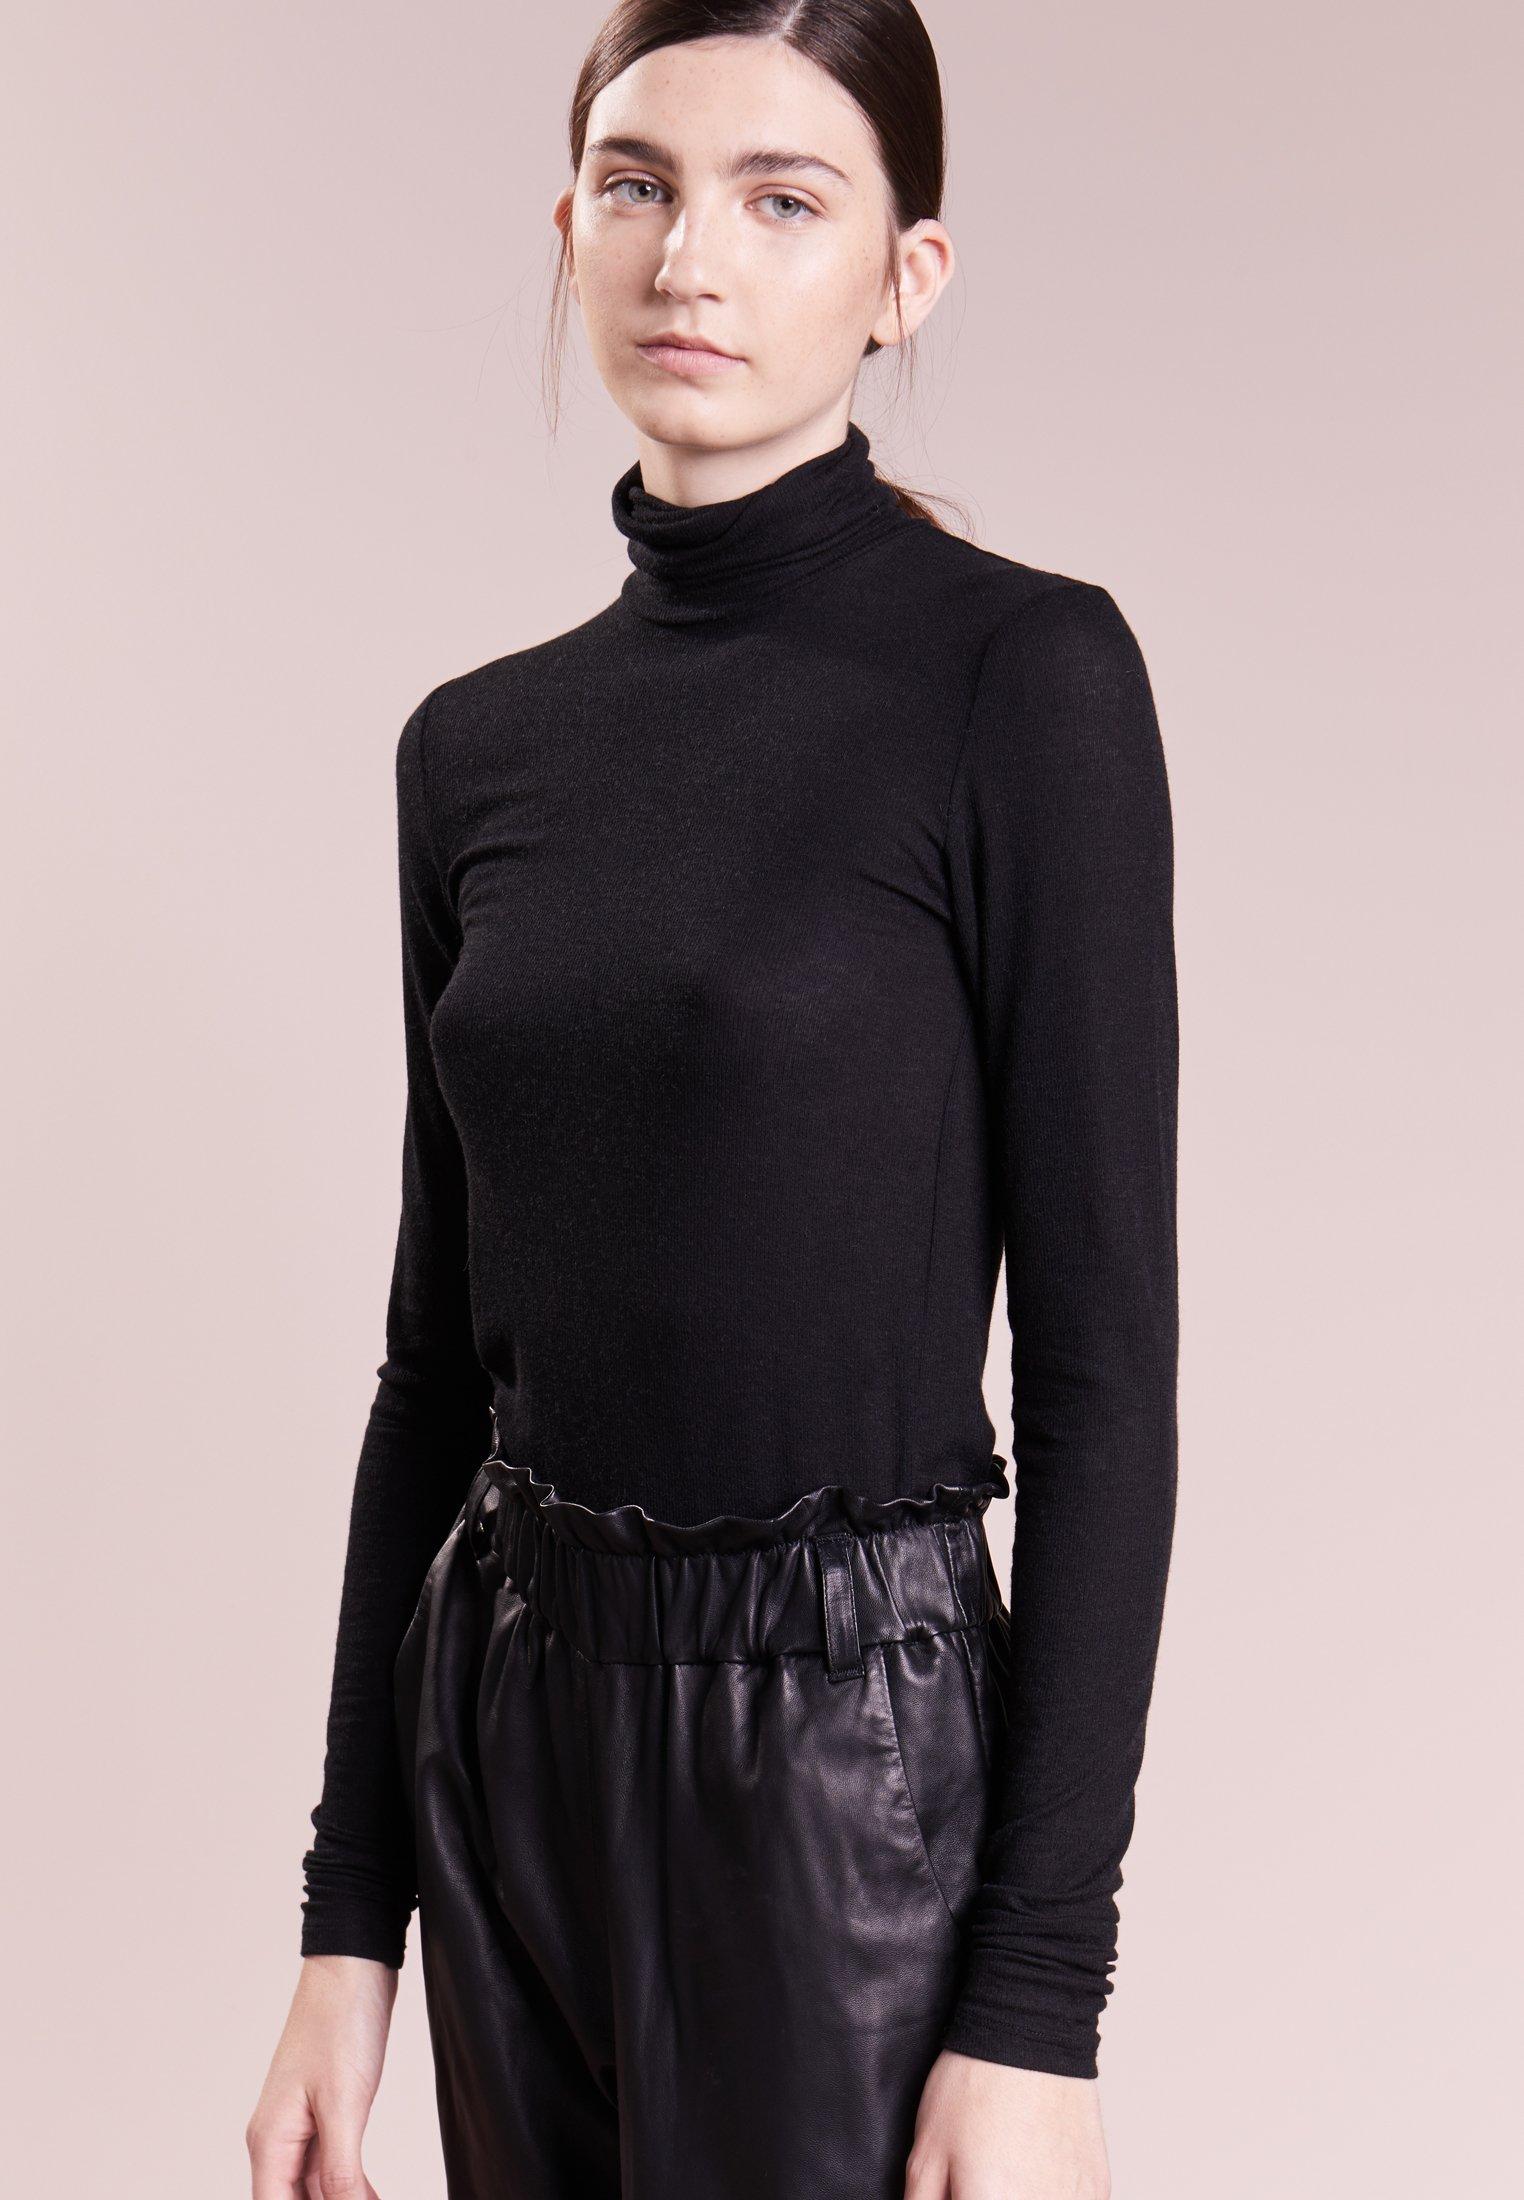 Femme ANGELA ROCK NECK - Pullover